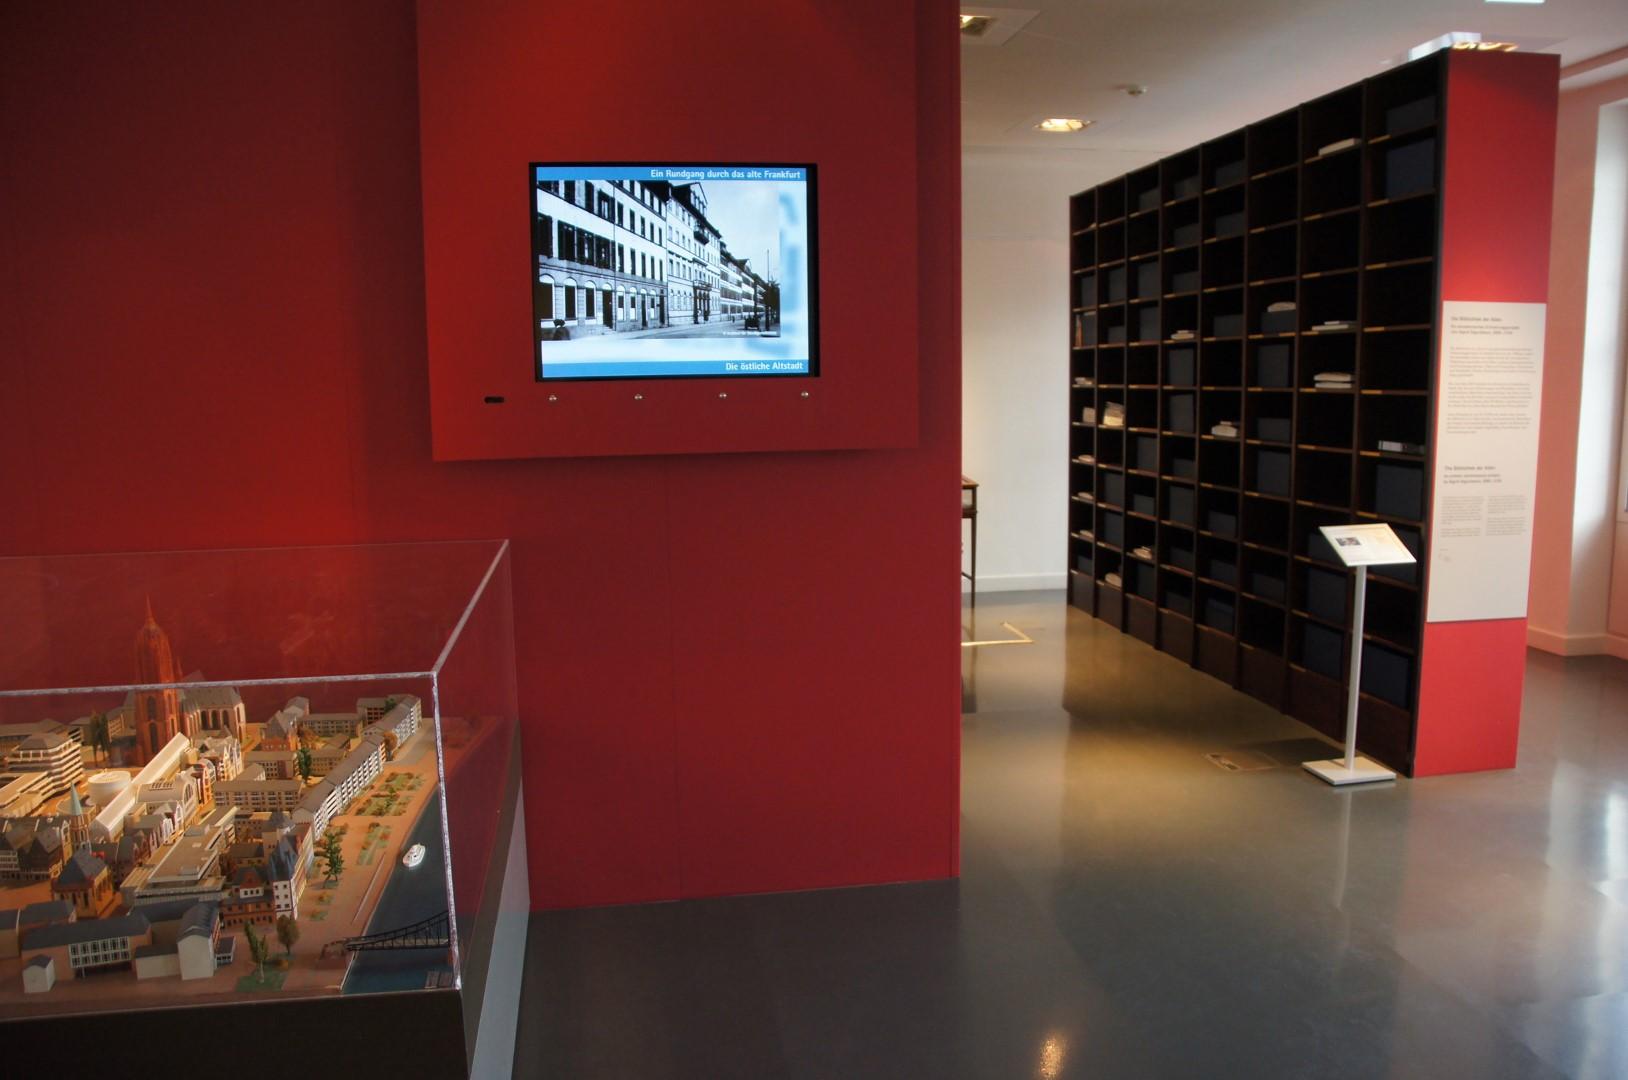 Historisches Museum Frankfurt: Die Bibliothek der Alten